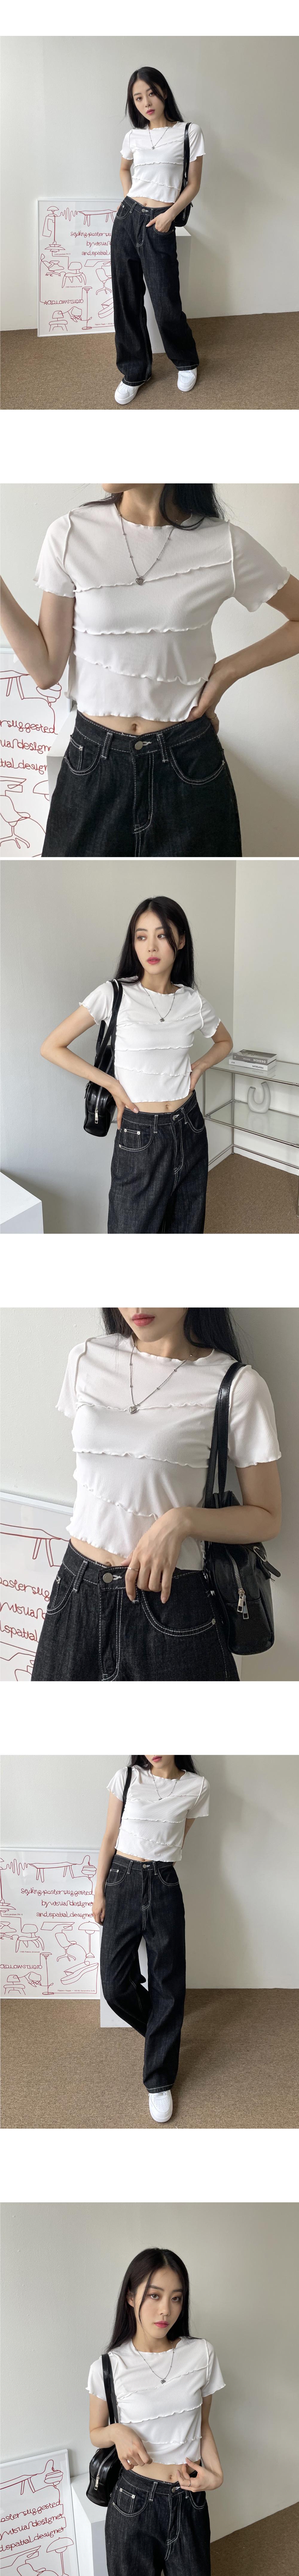 하나비 사선 물결 레이스 골지 크롭 반팔 티셔츠